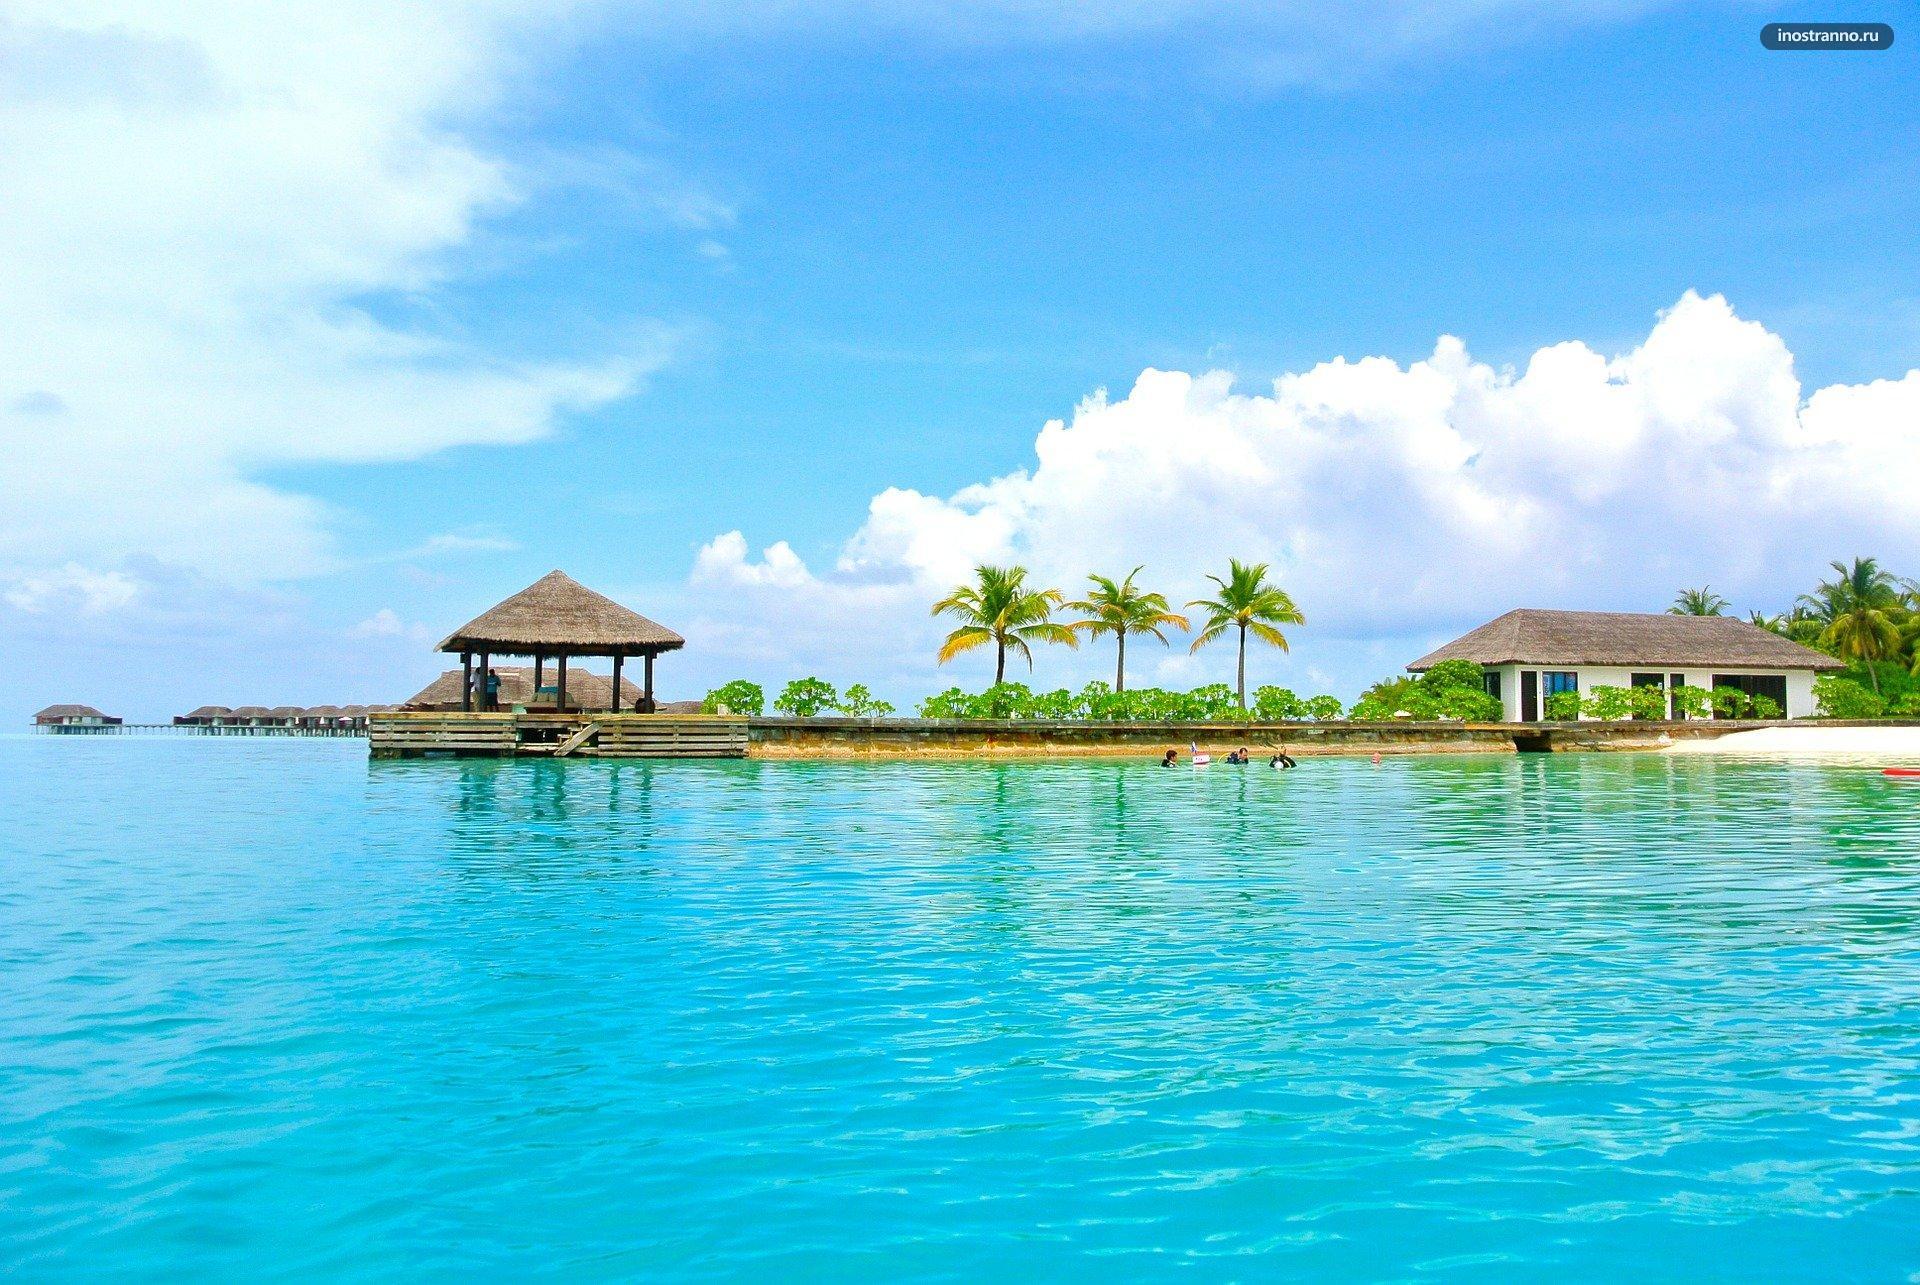 Мальдивы куда поехать отдыхать на море зимой